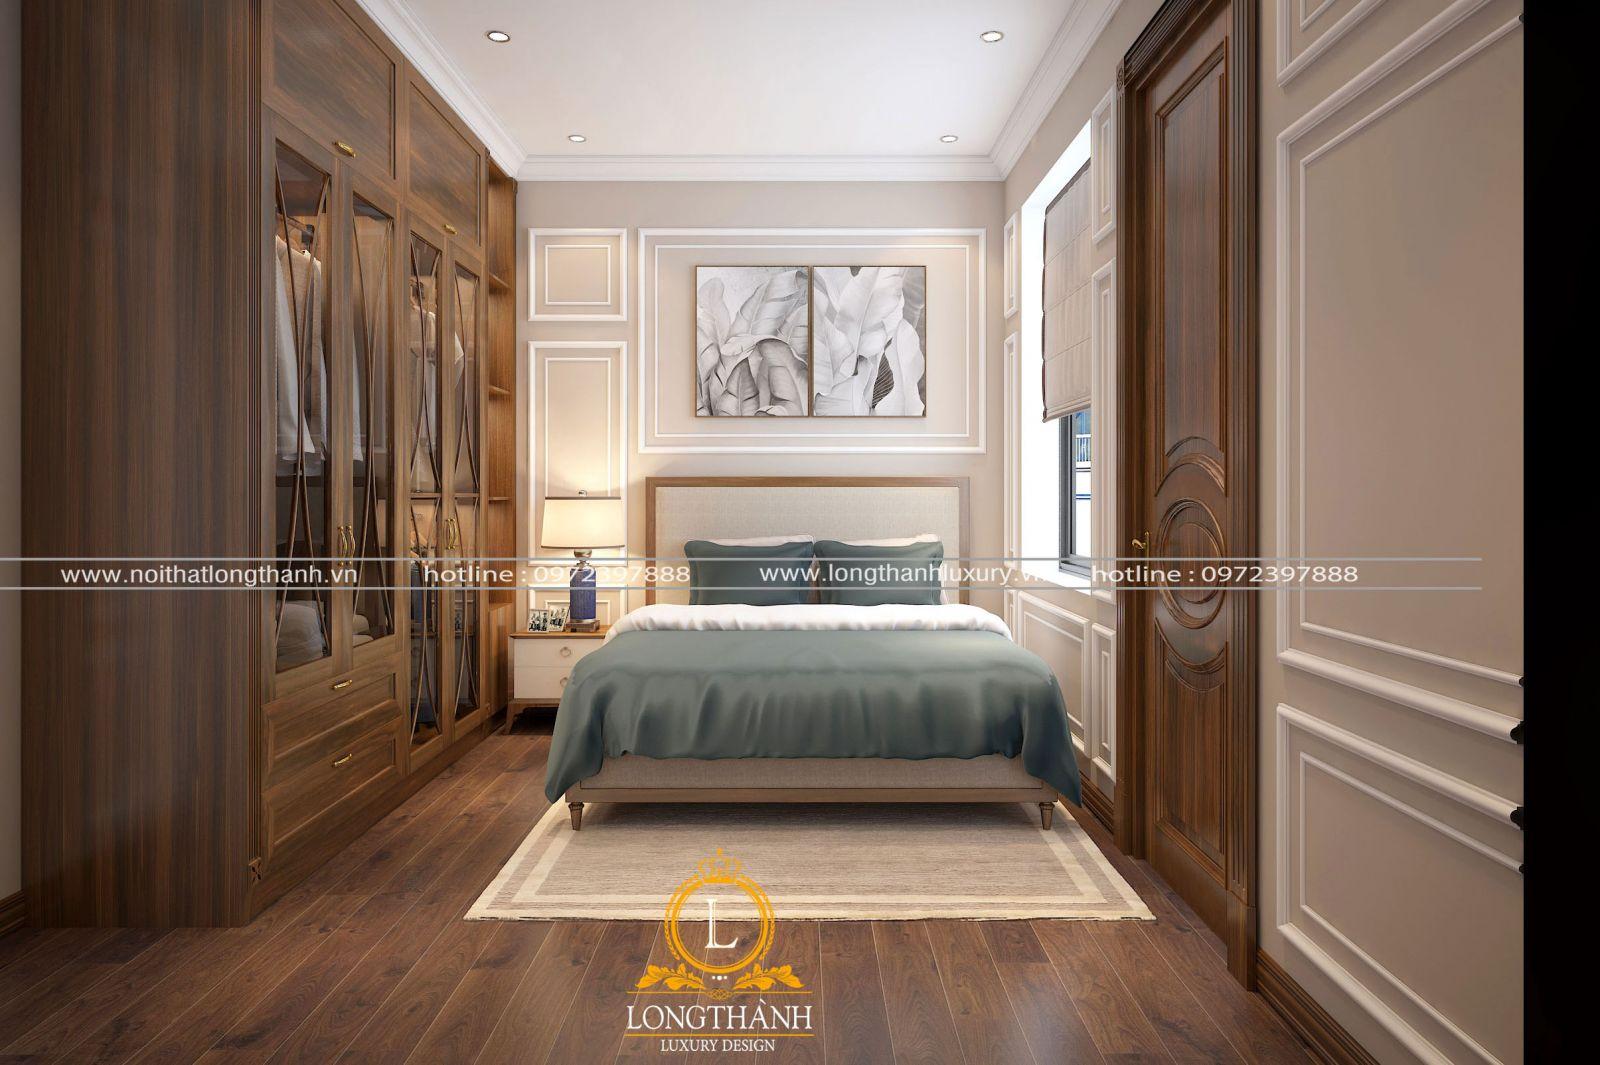 Thiết kế phòng ngủ có diện tích nhỏ theo phong cách hiện đại